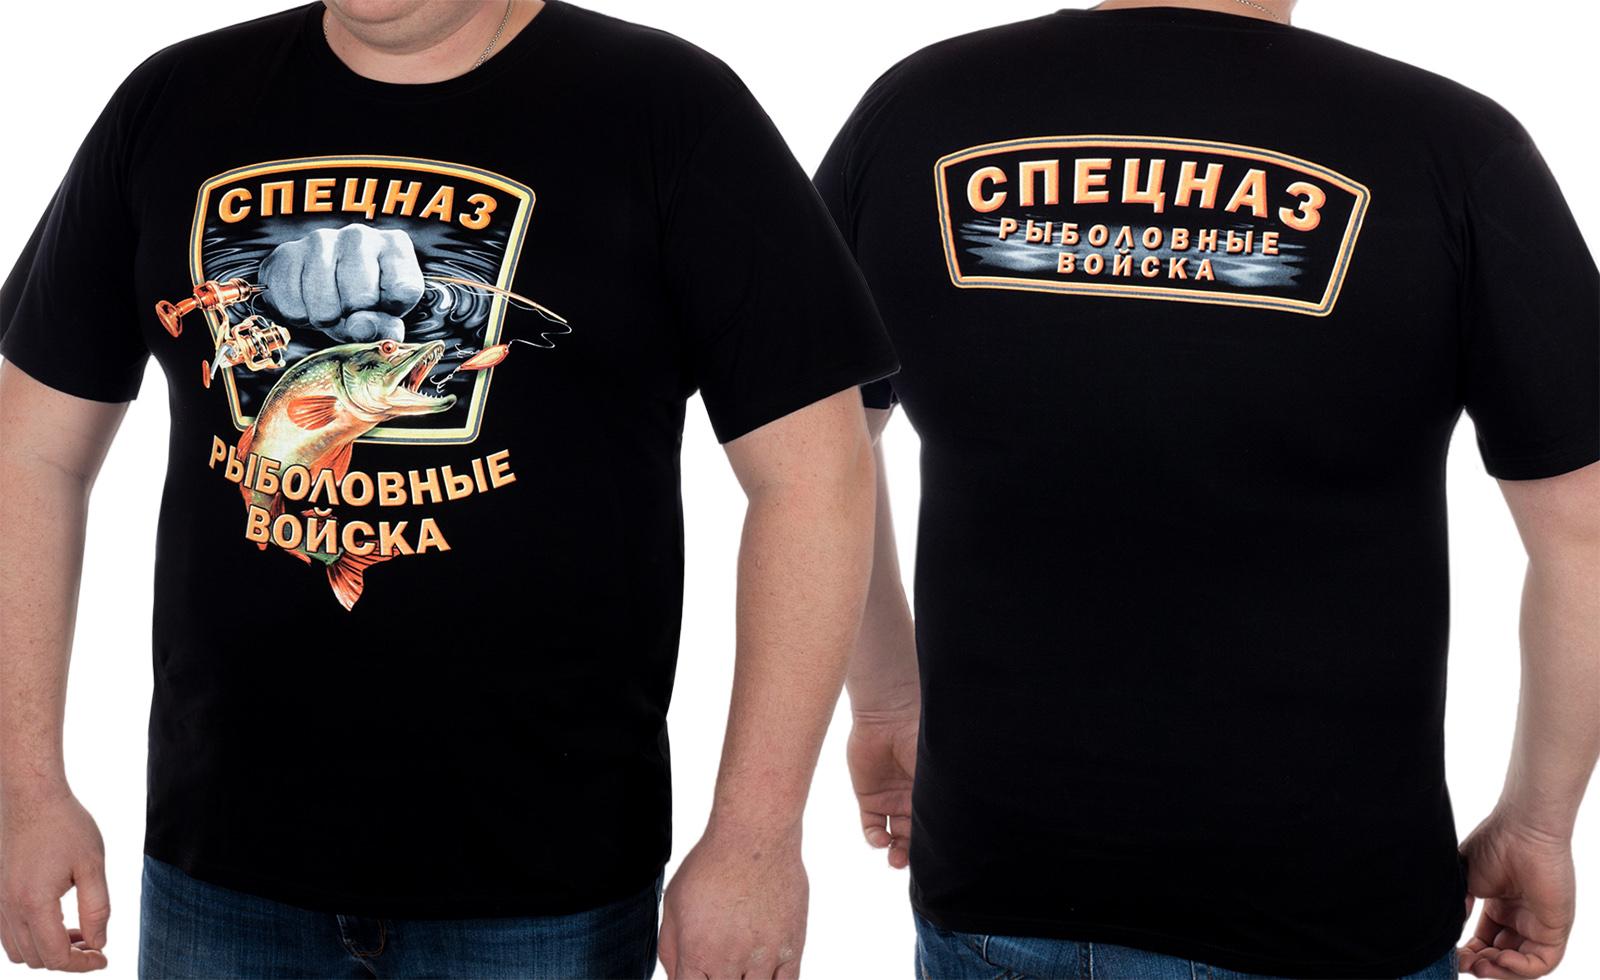 Мужские футболки купить в СПб